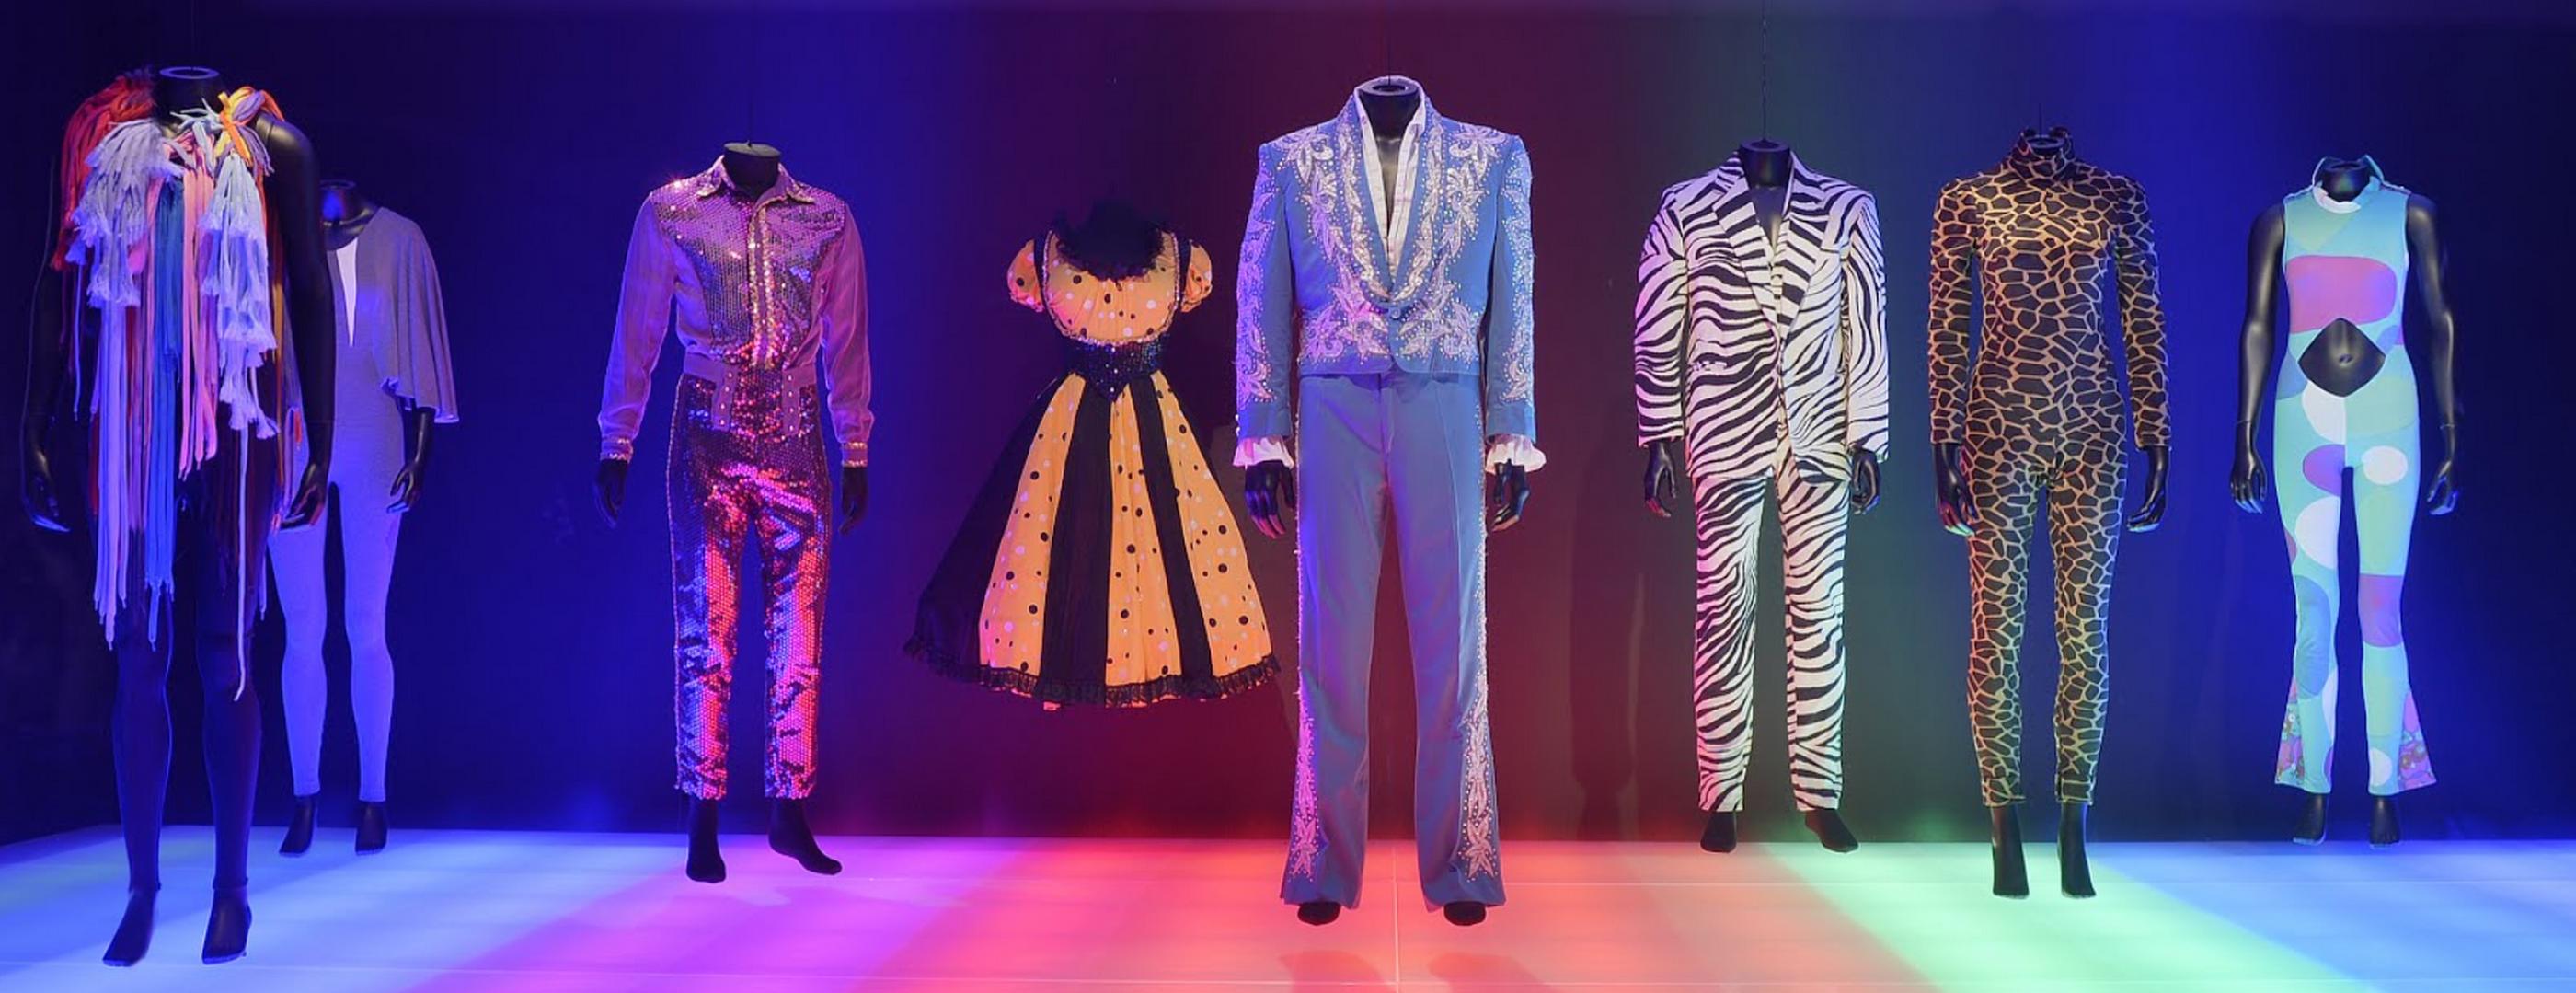 O Museu do Traje: um convite para conhecer a história através da moda